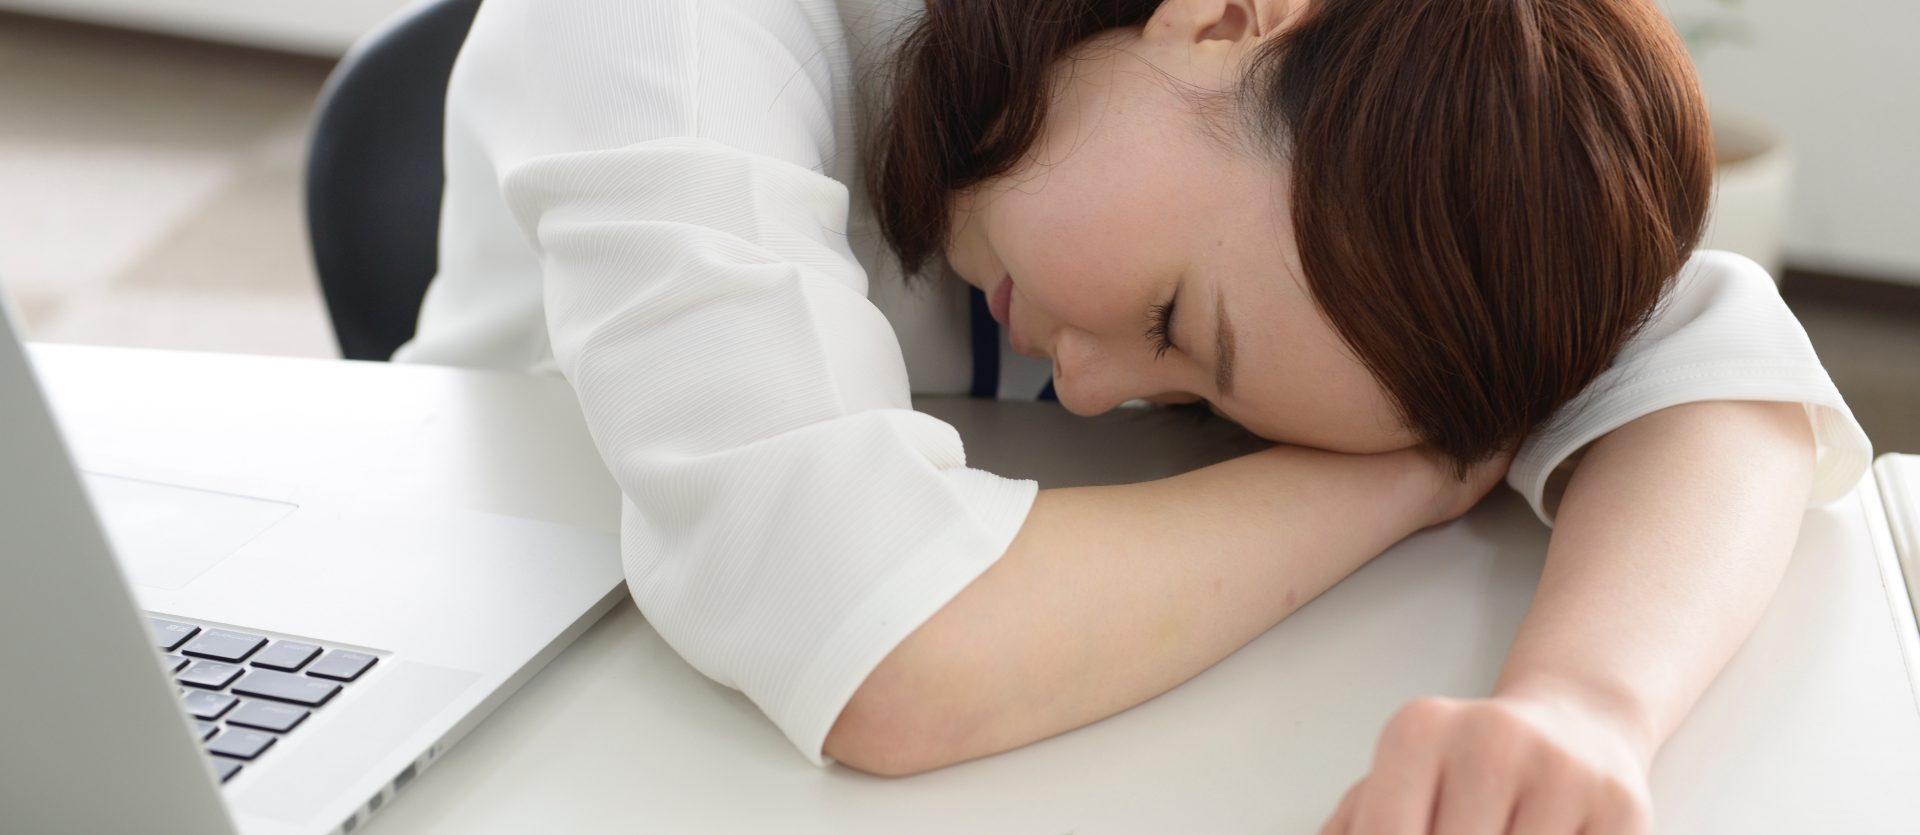 府中市で肩こり・腰痛を併発している方は、府中えにし整骨院へ